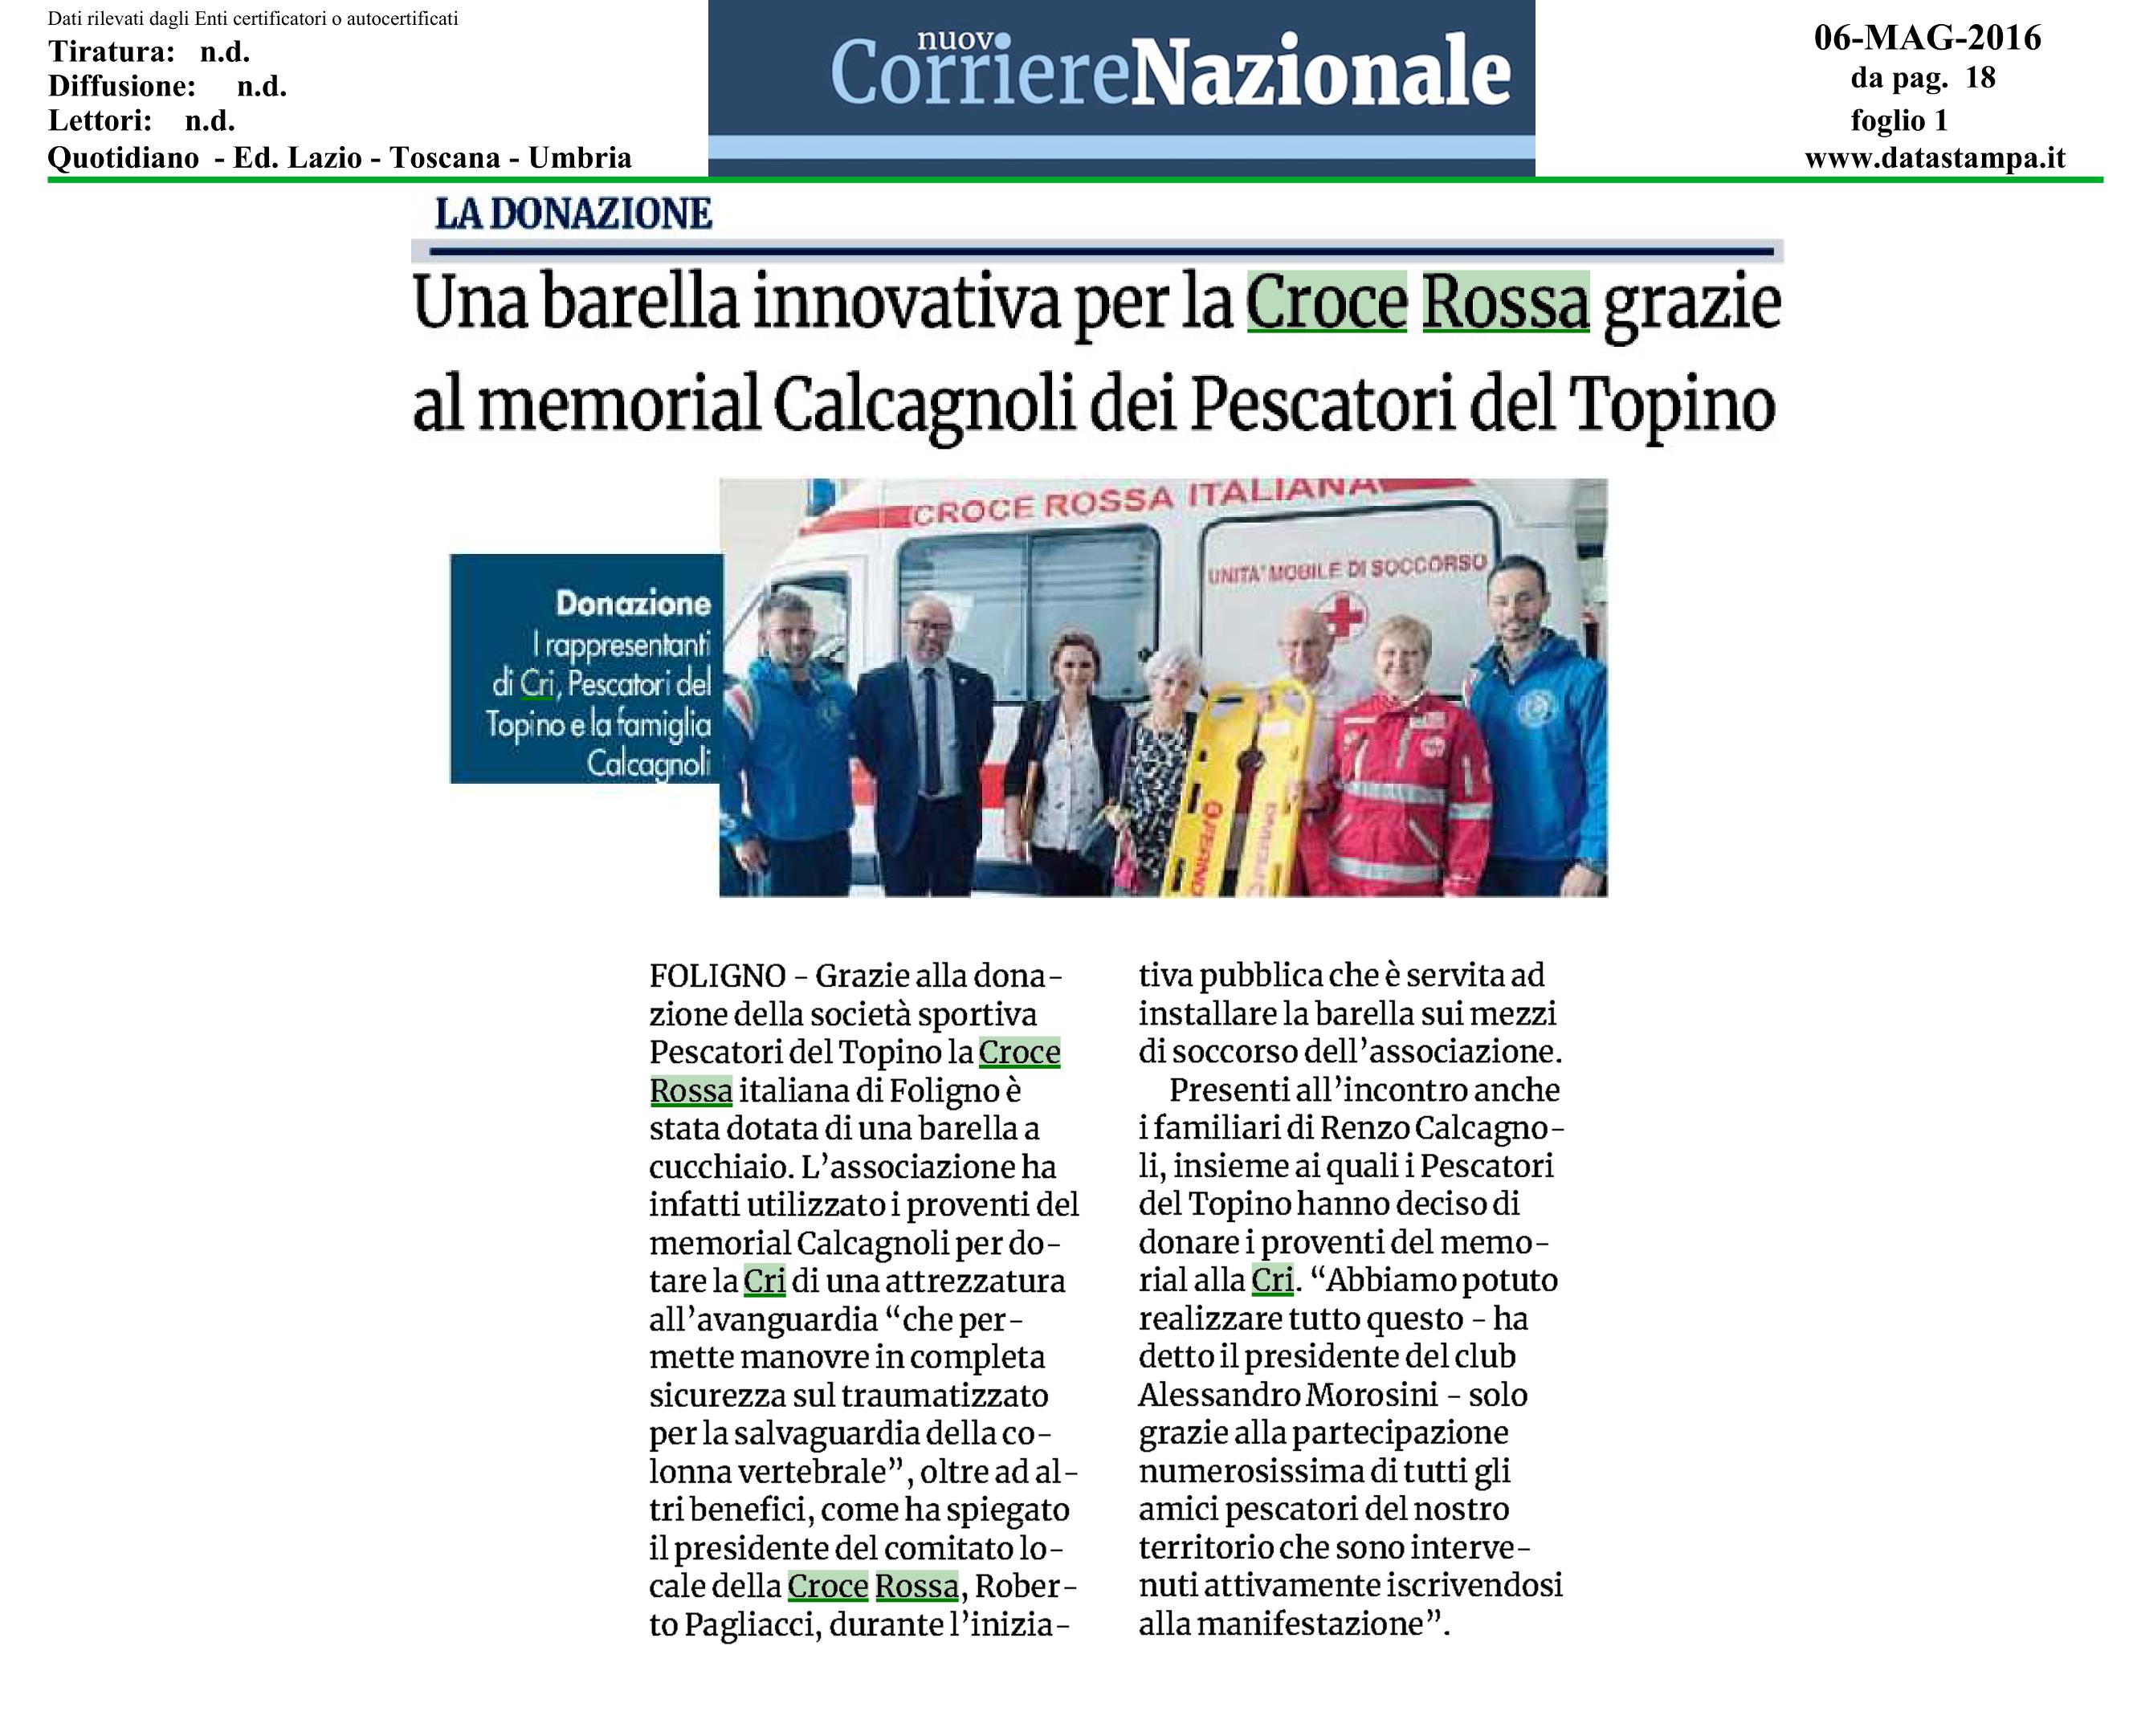 articolo_nuovo_corriere_nazionale_06.05.2016